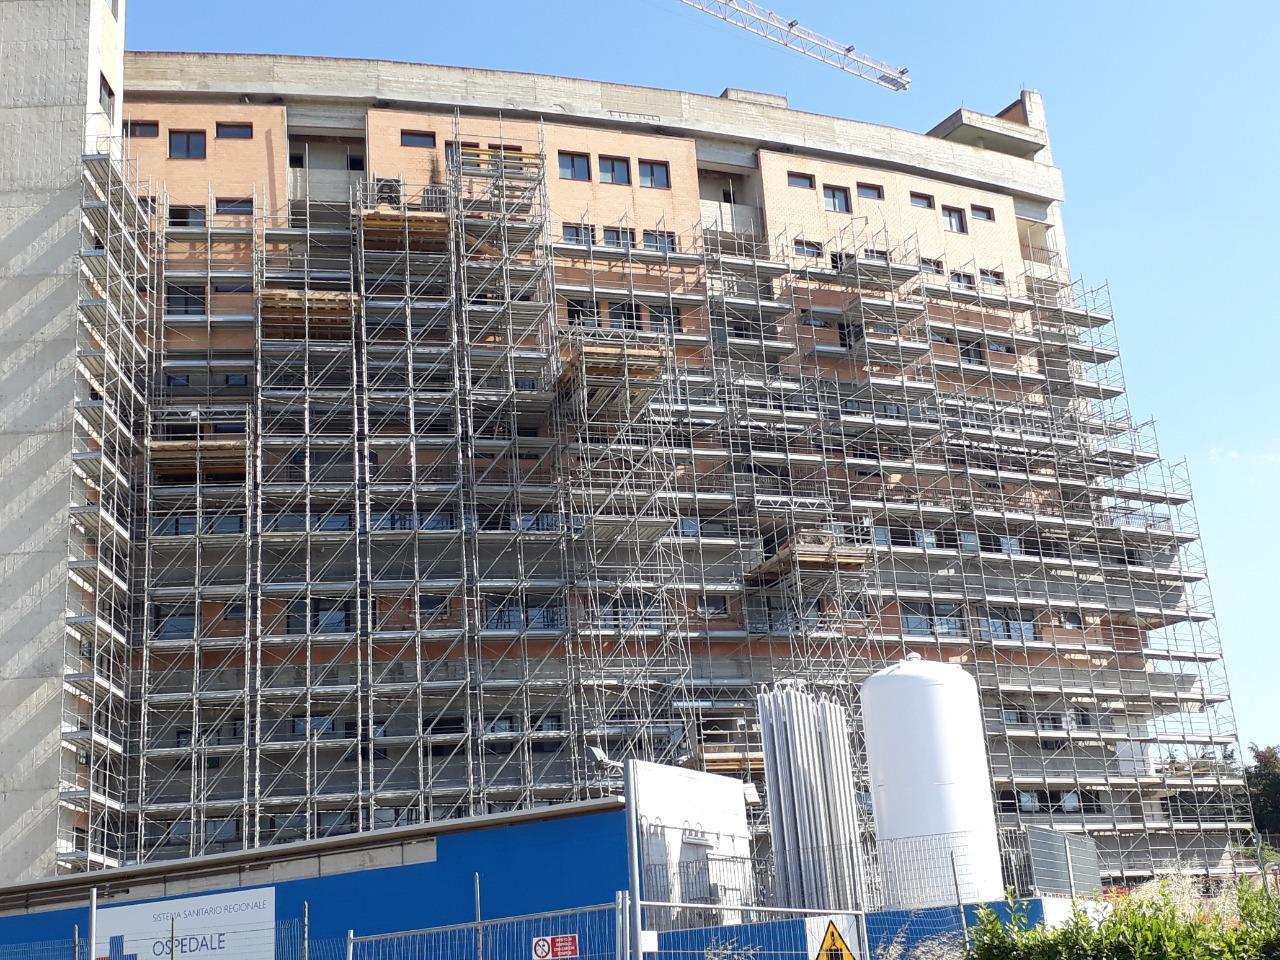 Gallery foto n.2 Вышки Multiceta - Усиление здания больницы